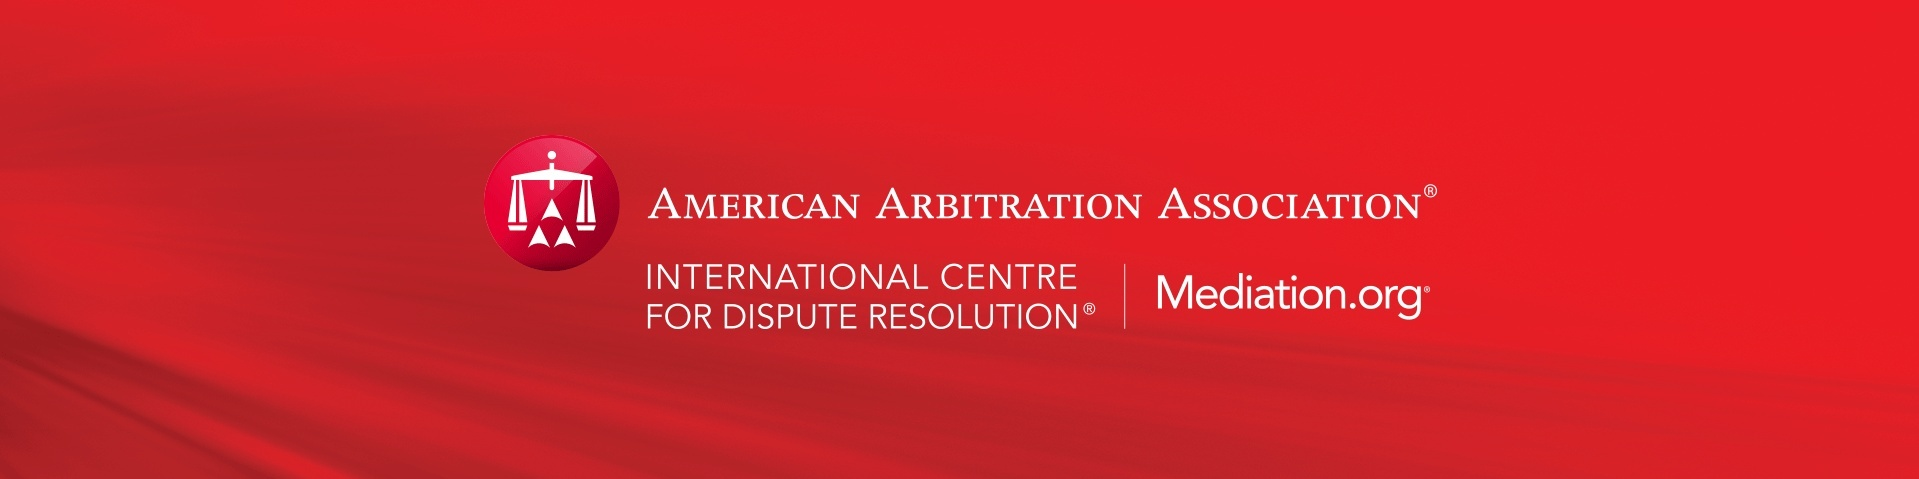 American Arbitration Association